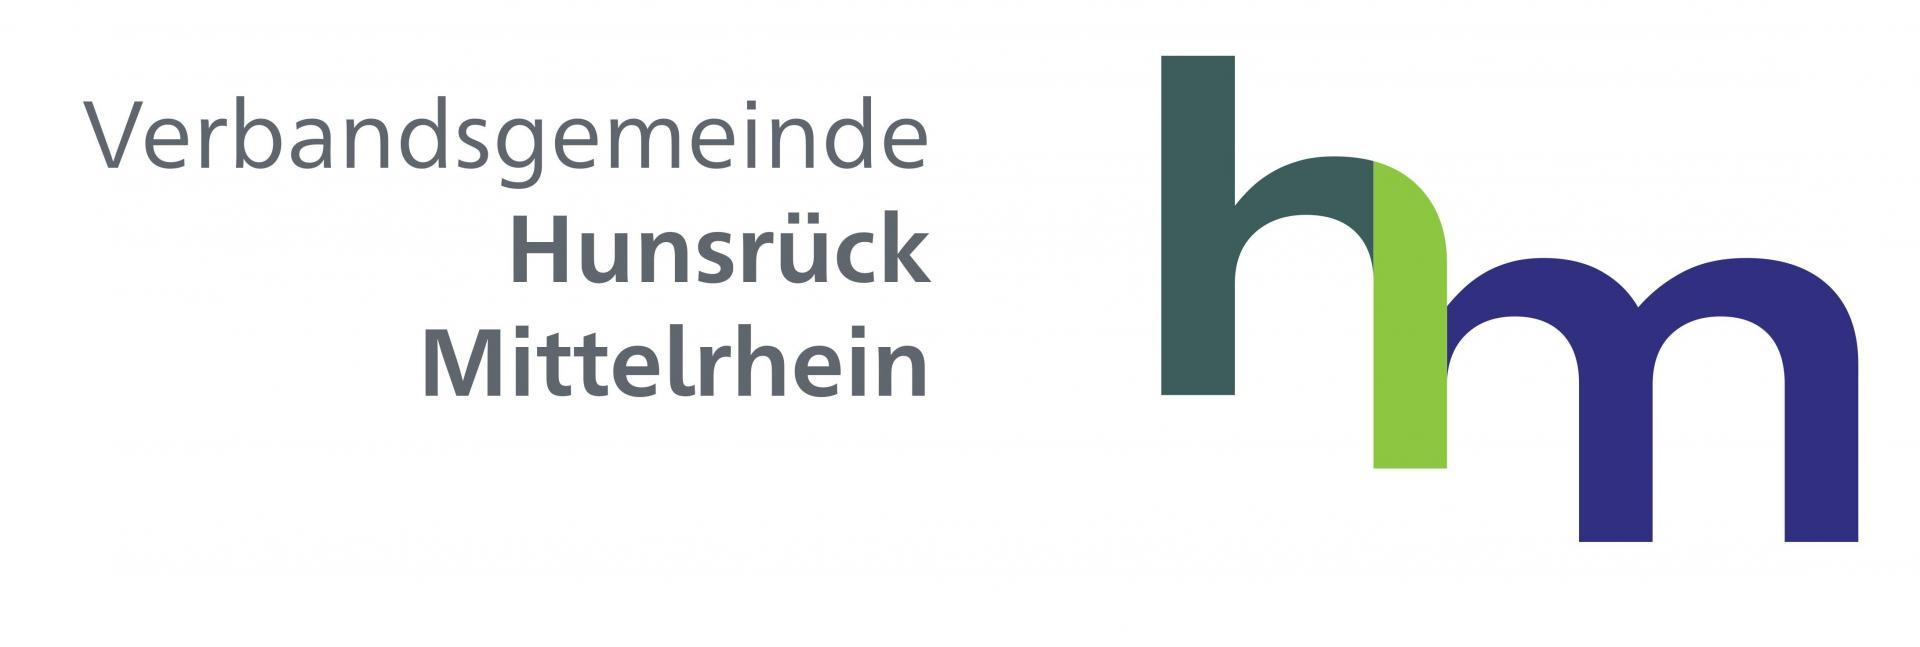 Bild der Meldung: Siebente Corona-Bekämpfungsverordnung Rheinland-Pfalz (7. CoBeLVO) vom 15. Mai 2020